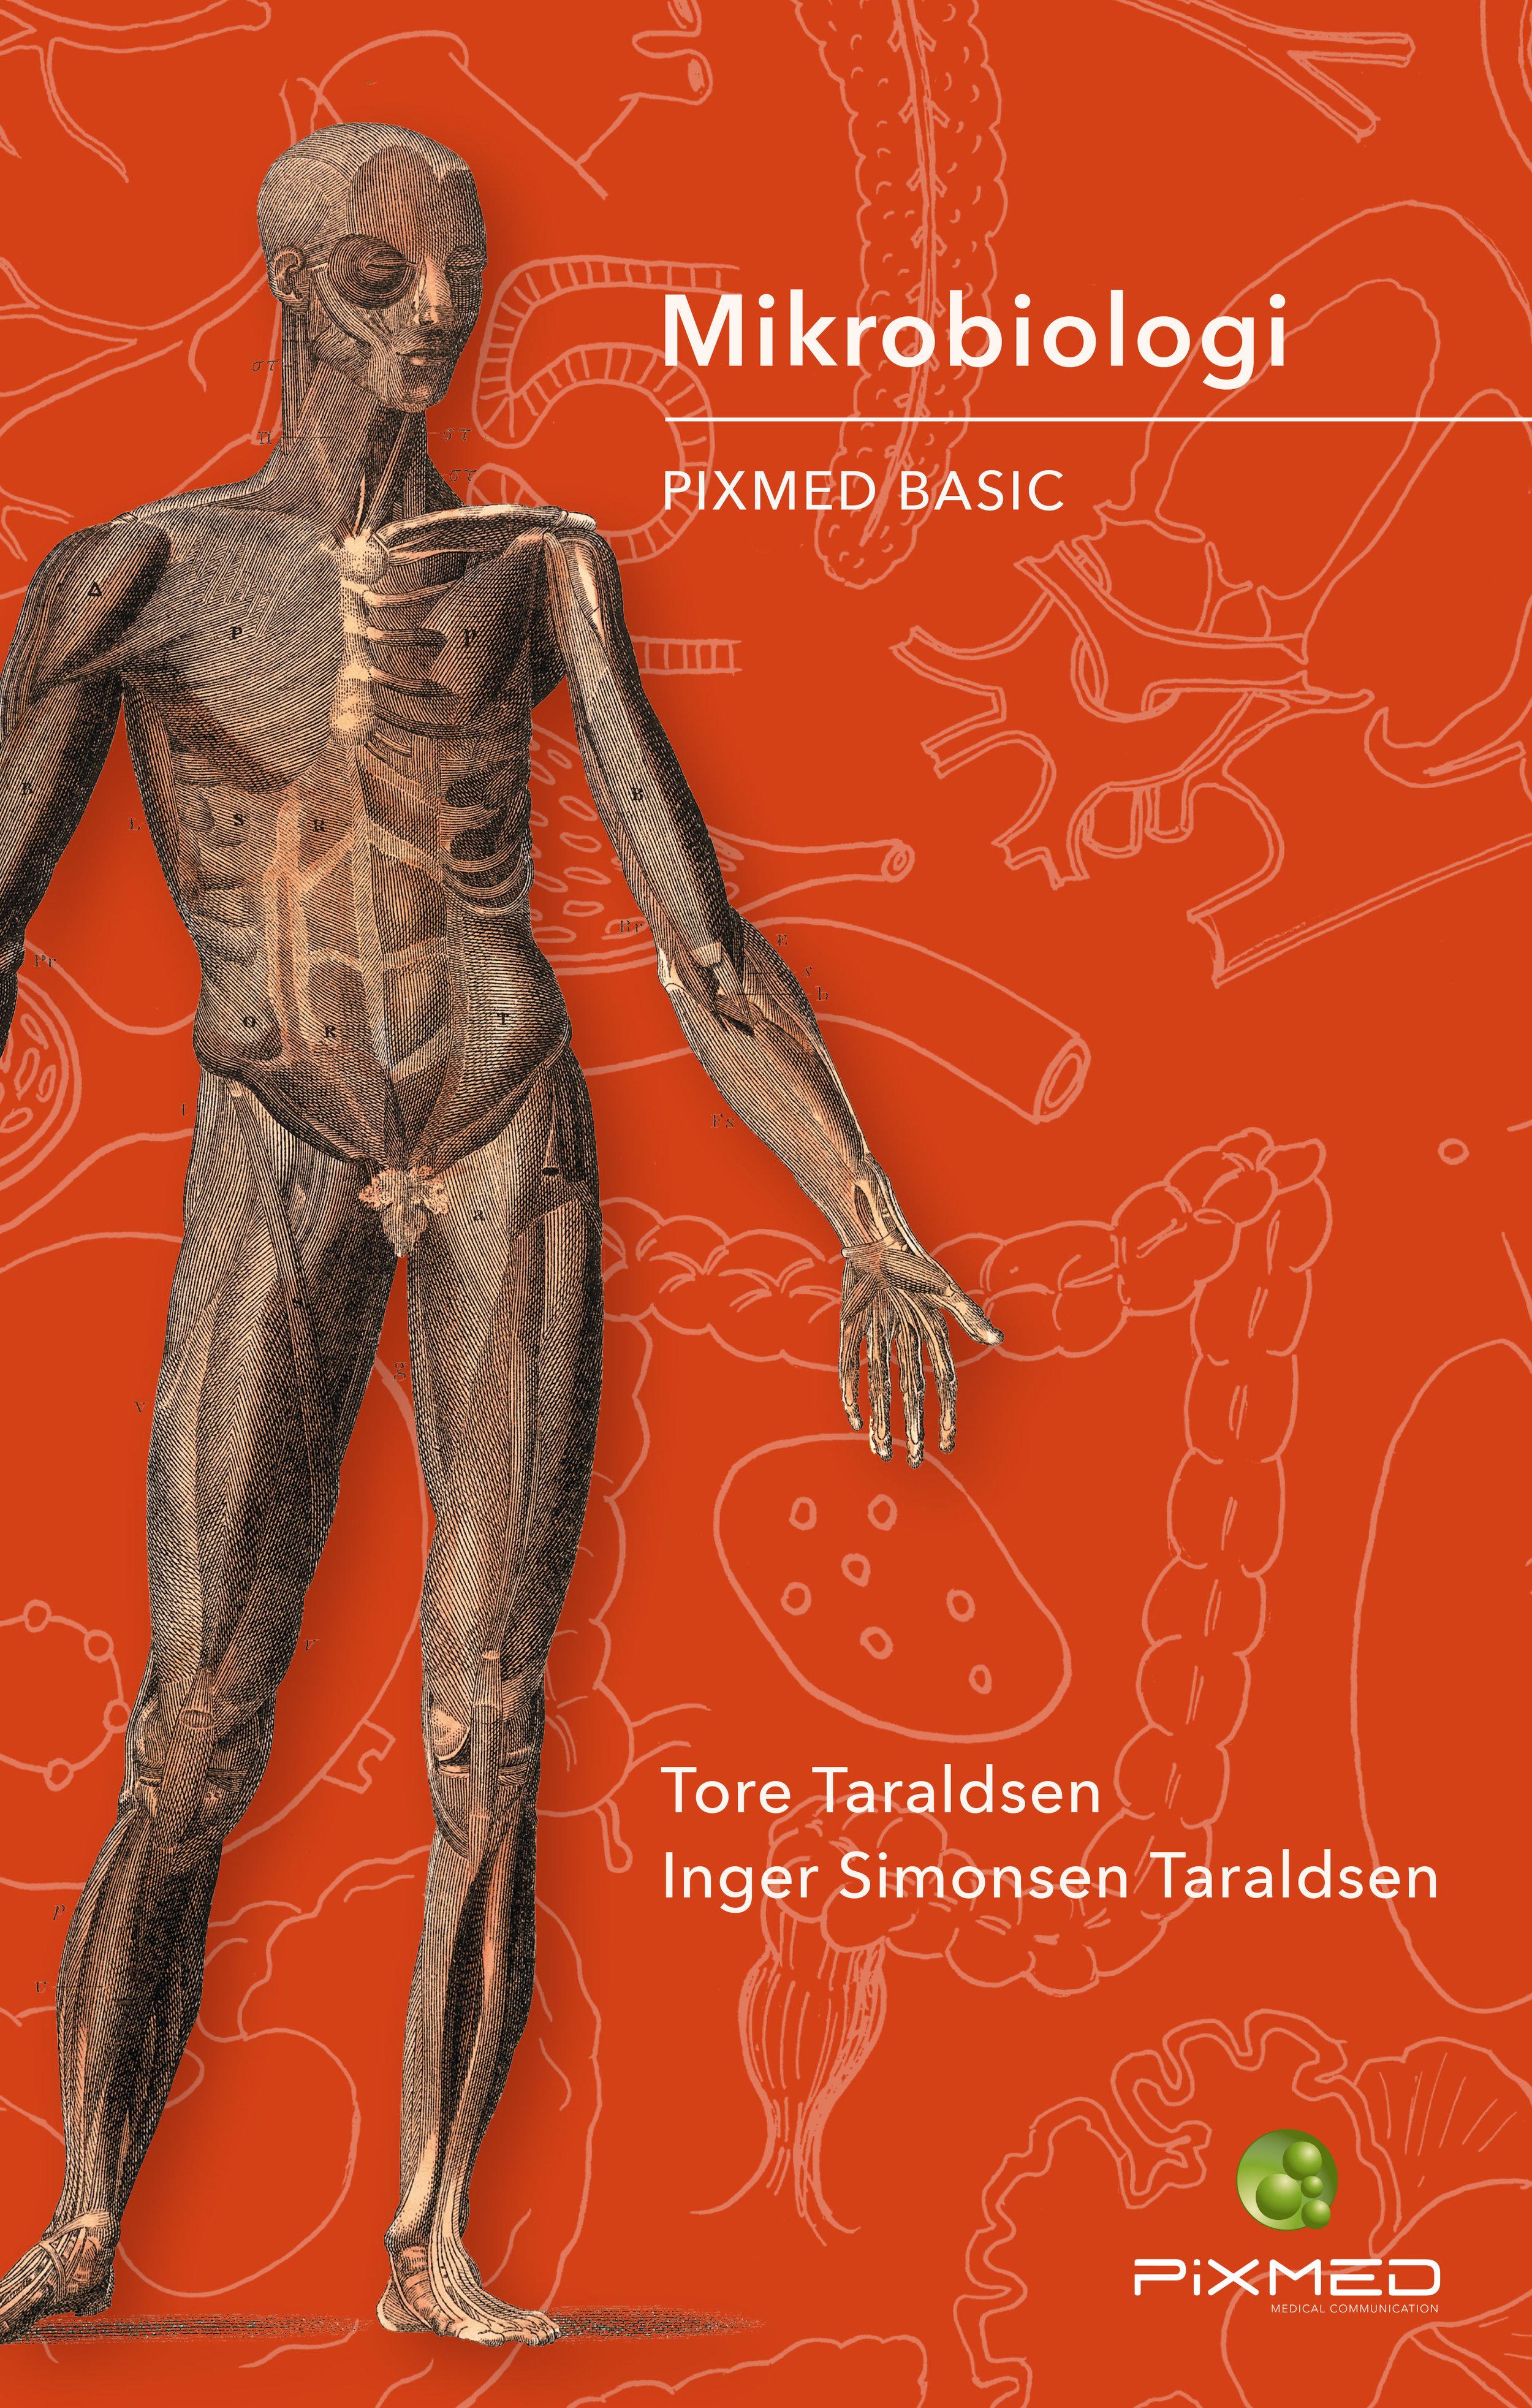 FORSIDE Bokomslag-Mikrobiologi.jpg